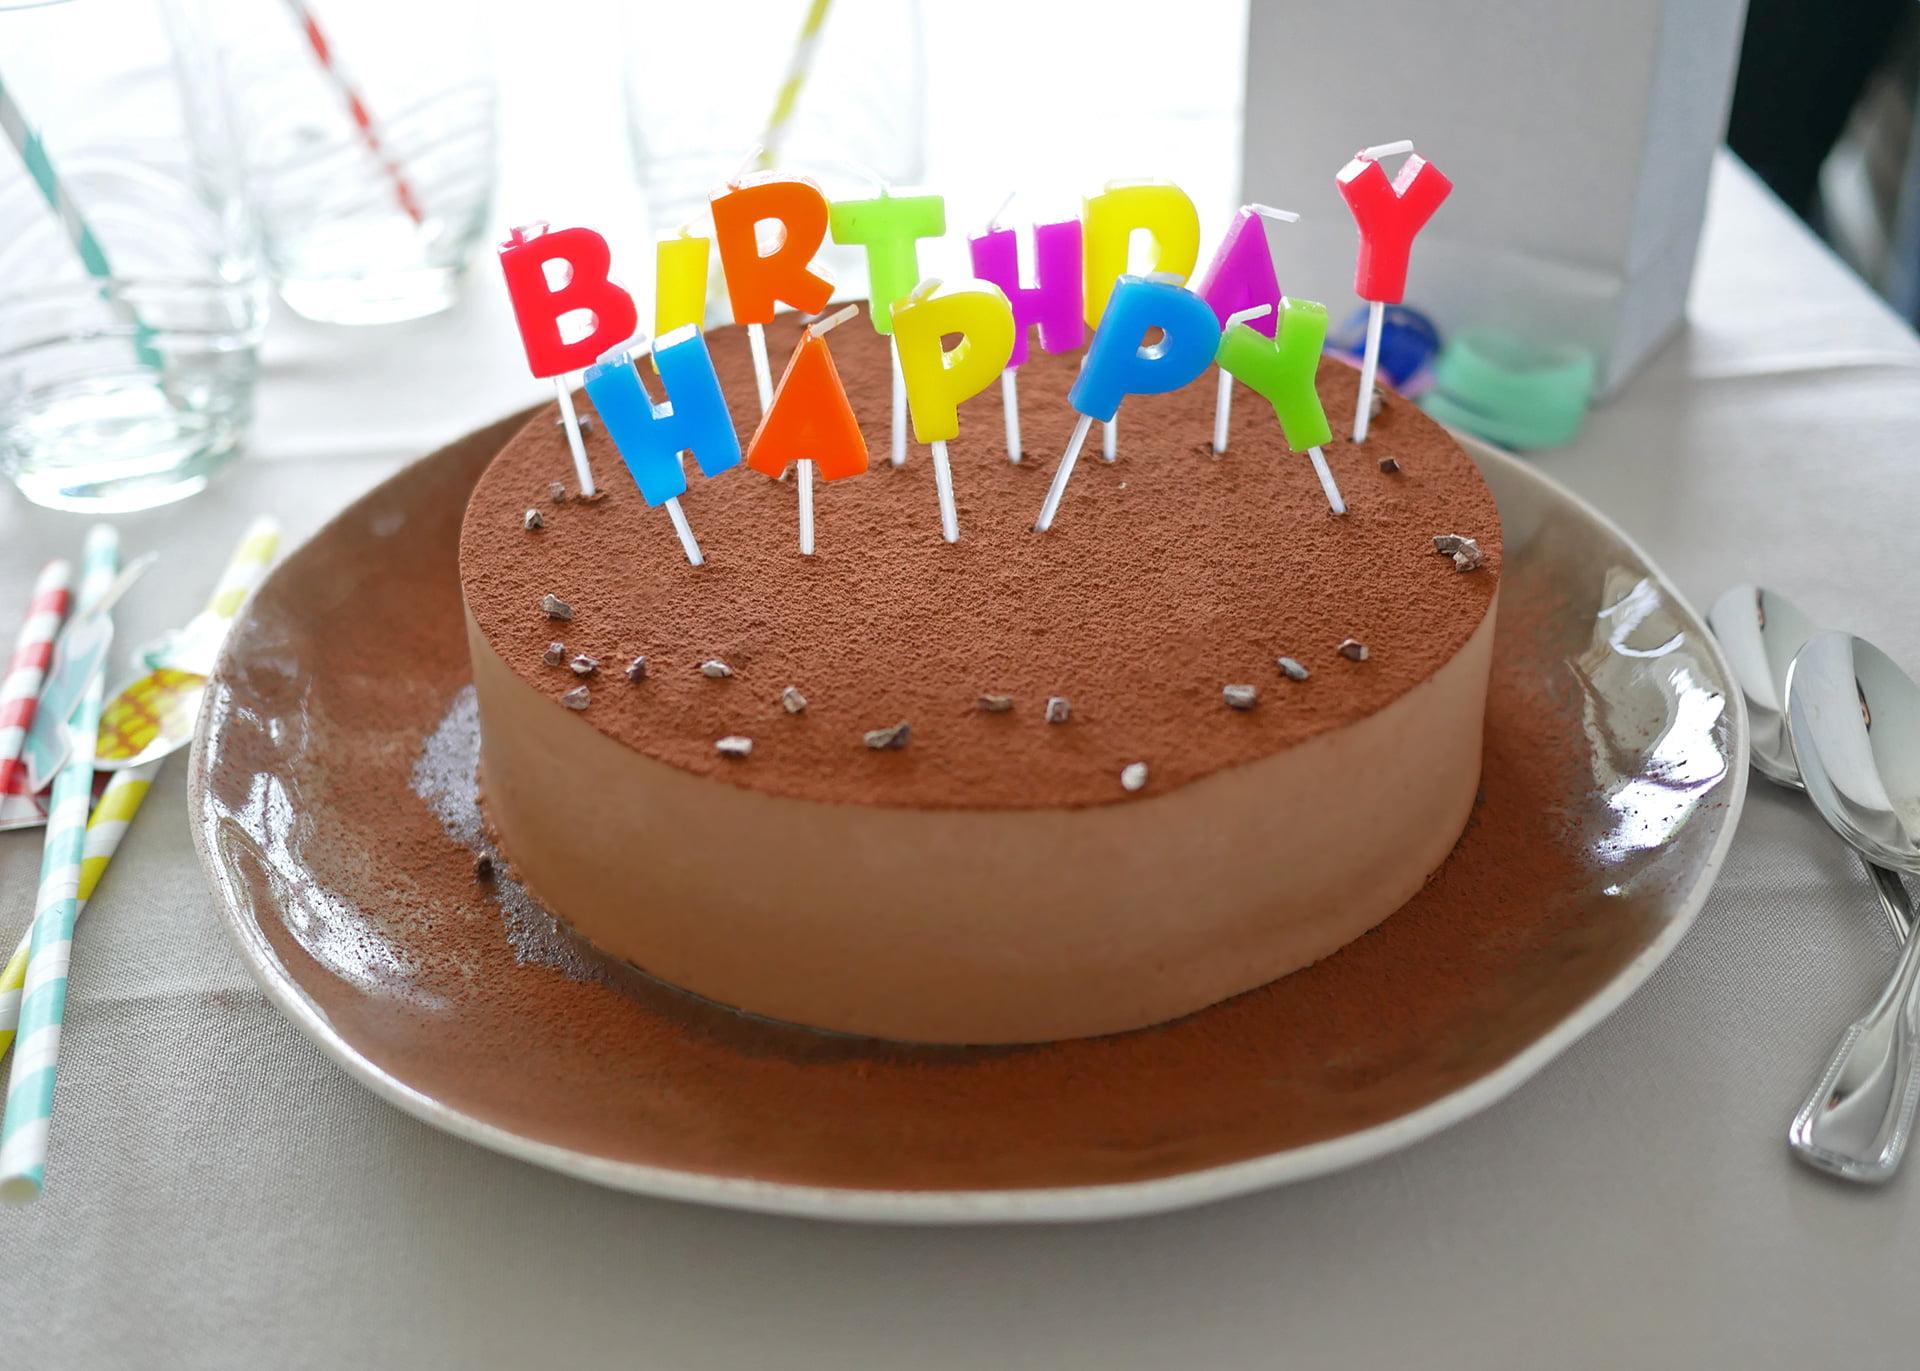 Gâteau d'anniversaire au chocolat rapide - Entremets brownie ganache montée